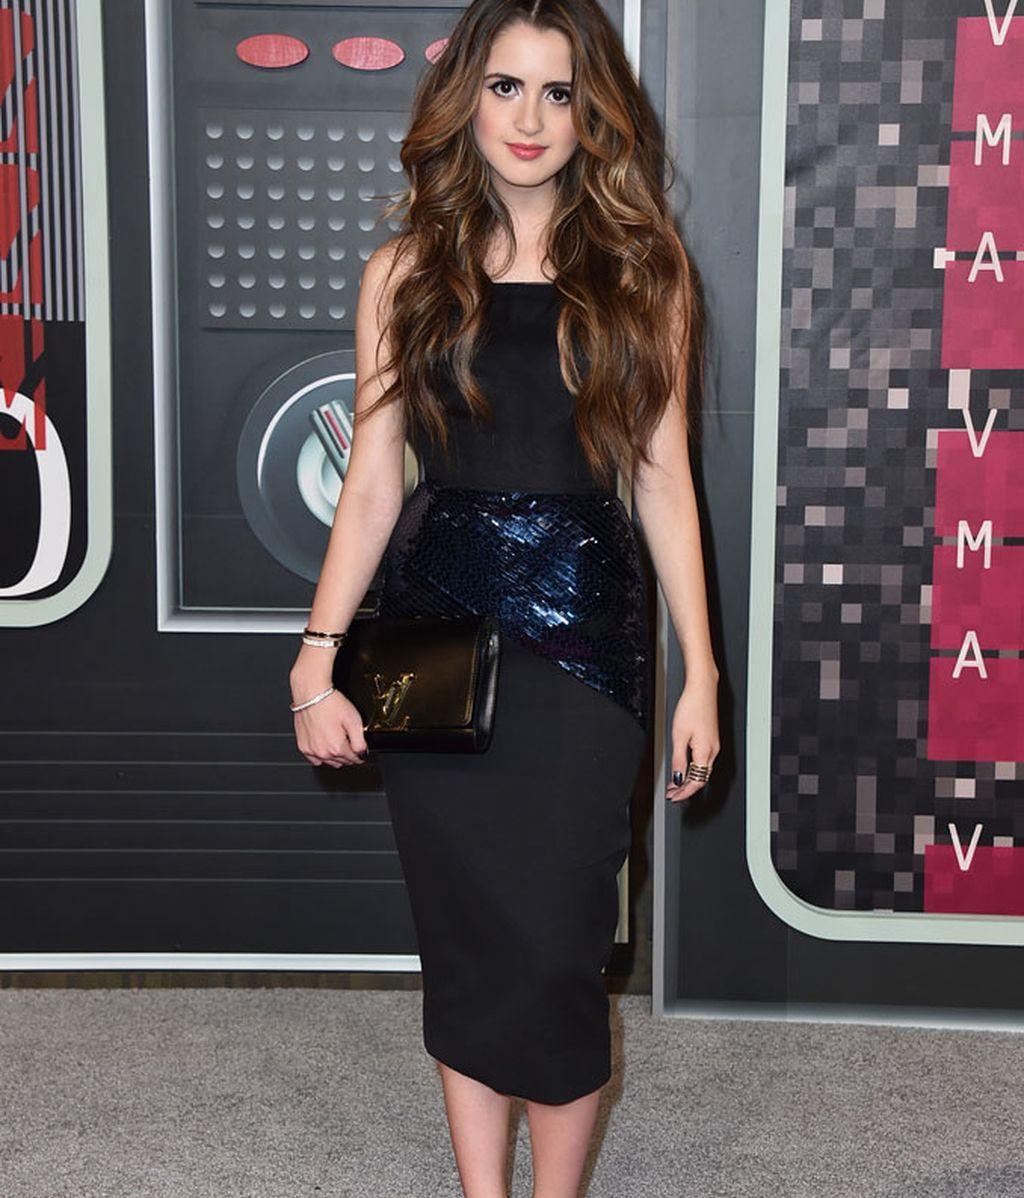 Laura Marano en los premios MTV